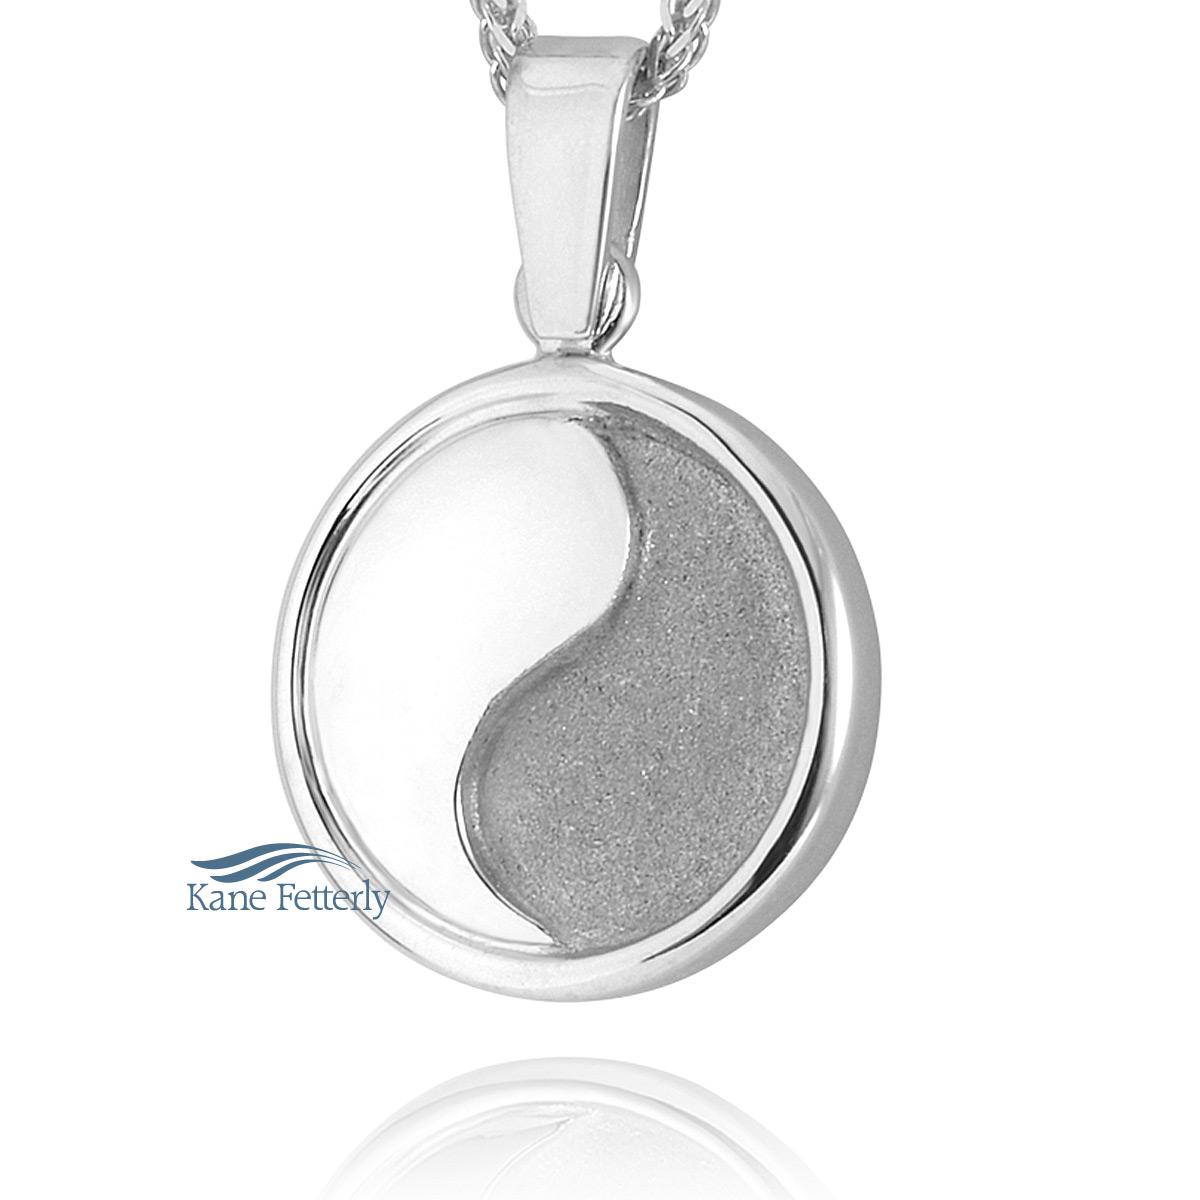 J0184 Yin & Yang pendant in sterling silver